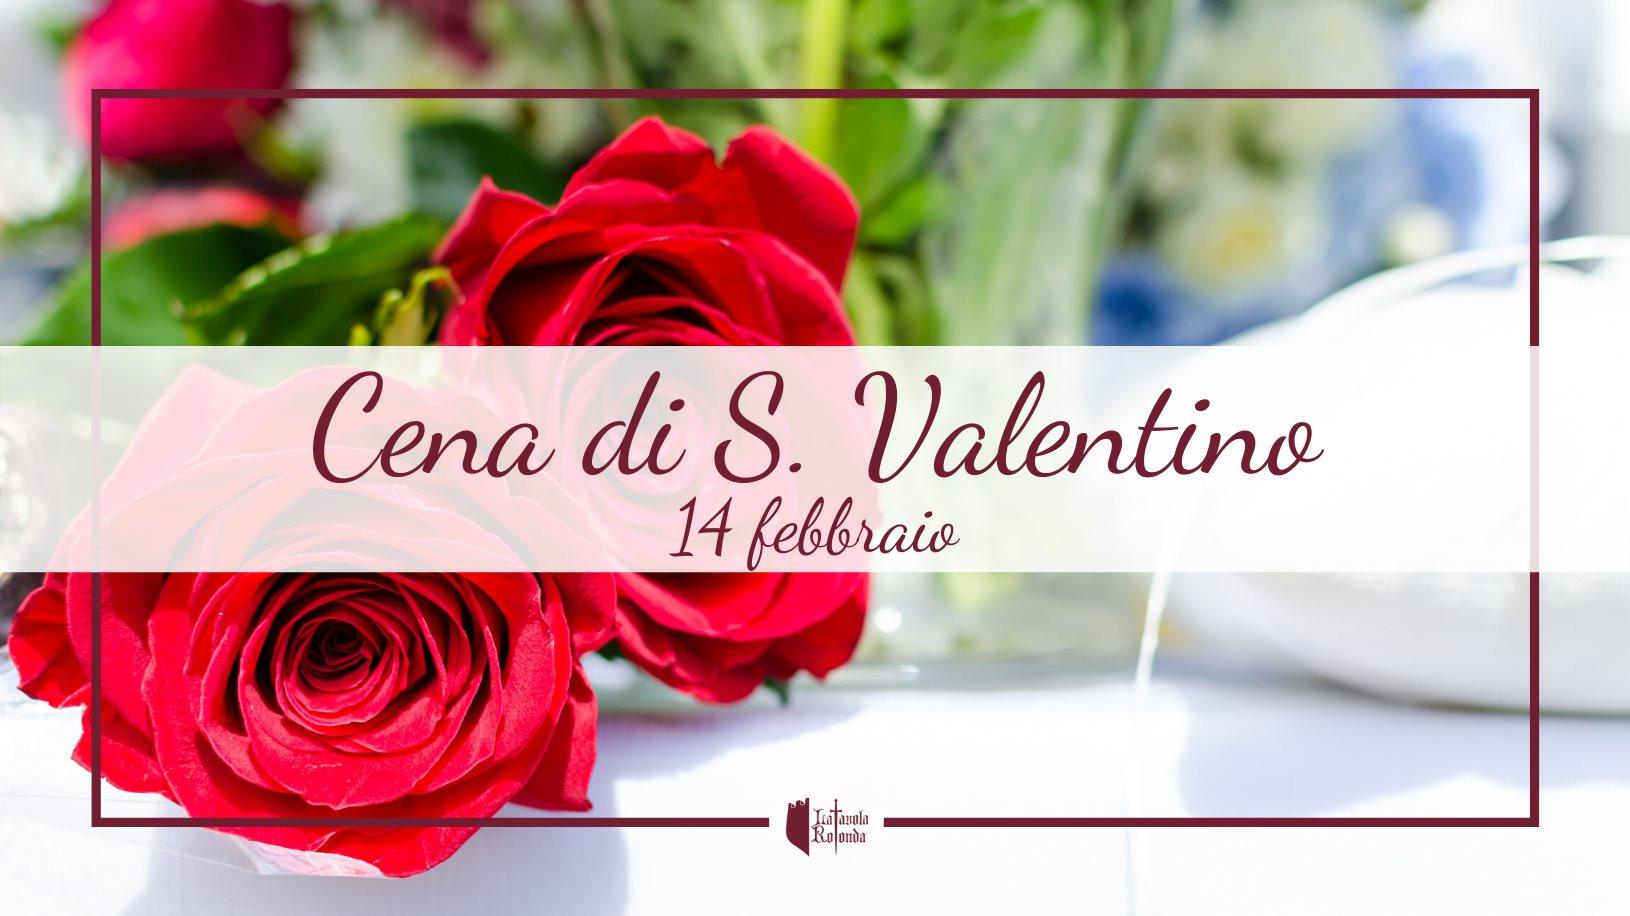 Cena di S. Valentino